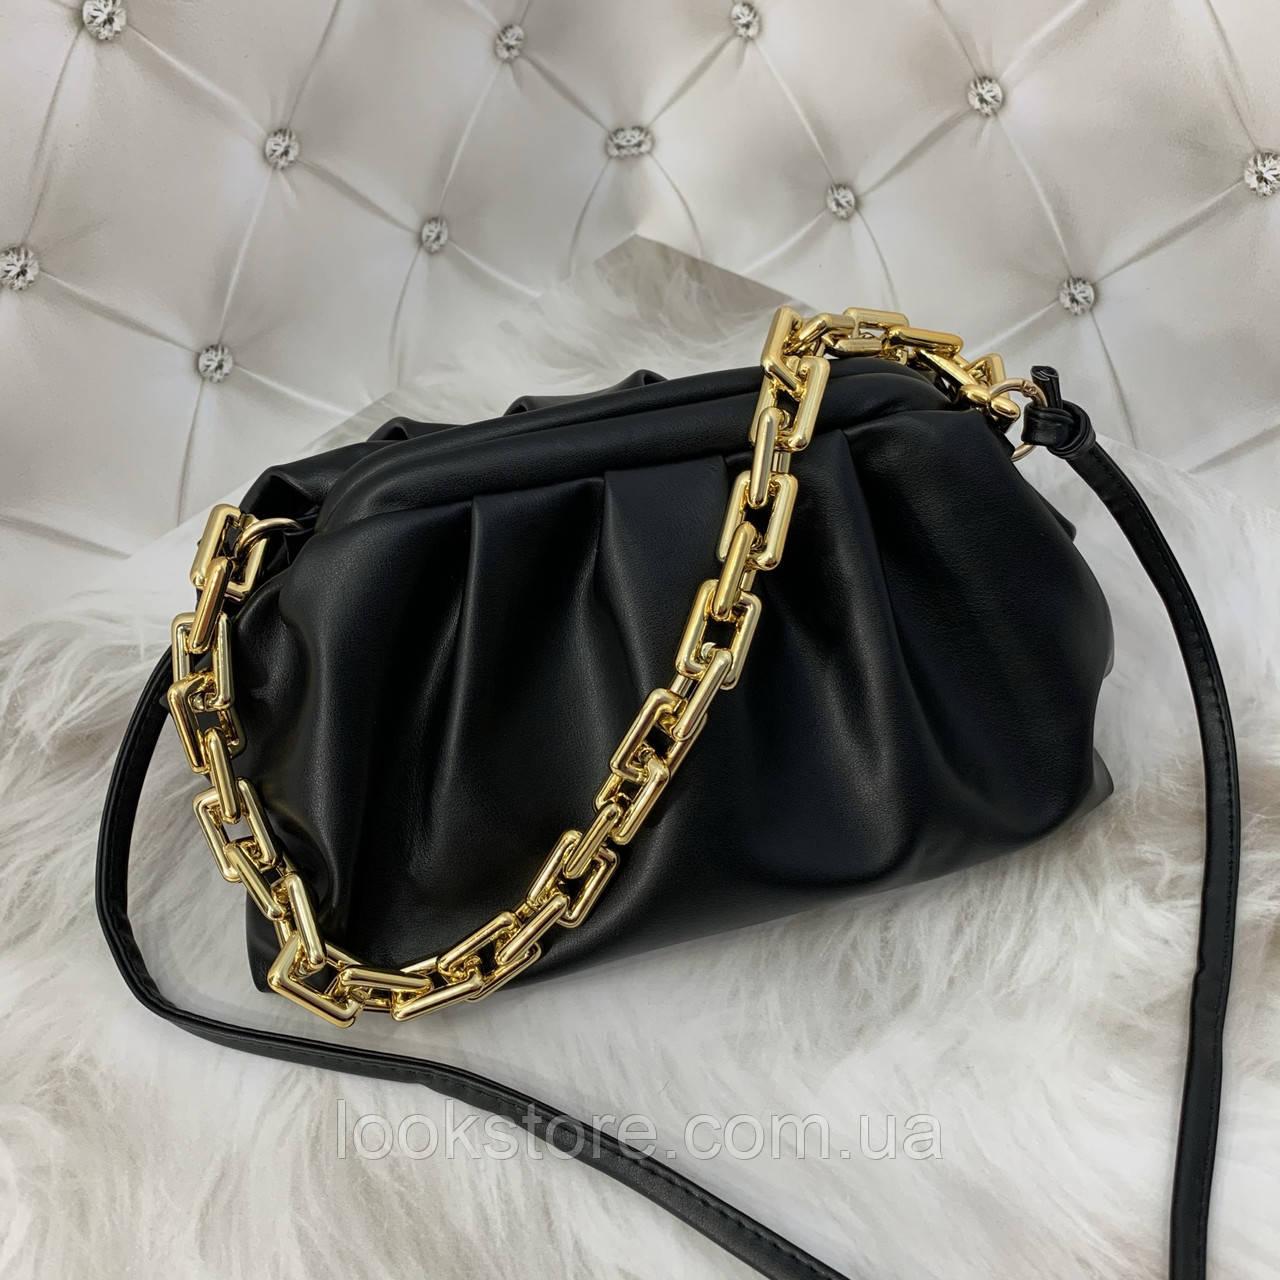 Трендовая женская сумка в стиле Bottega пельмень на цепочке черная